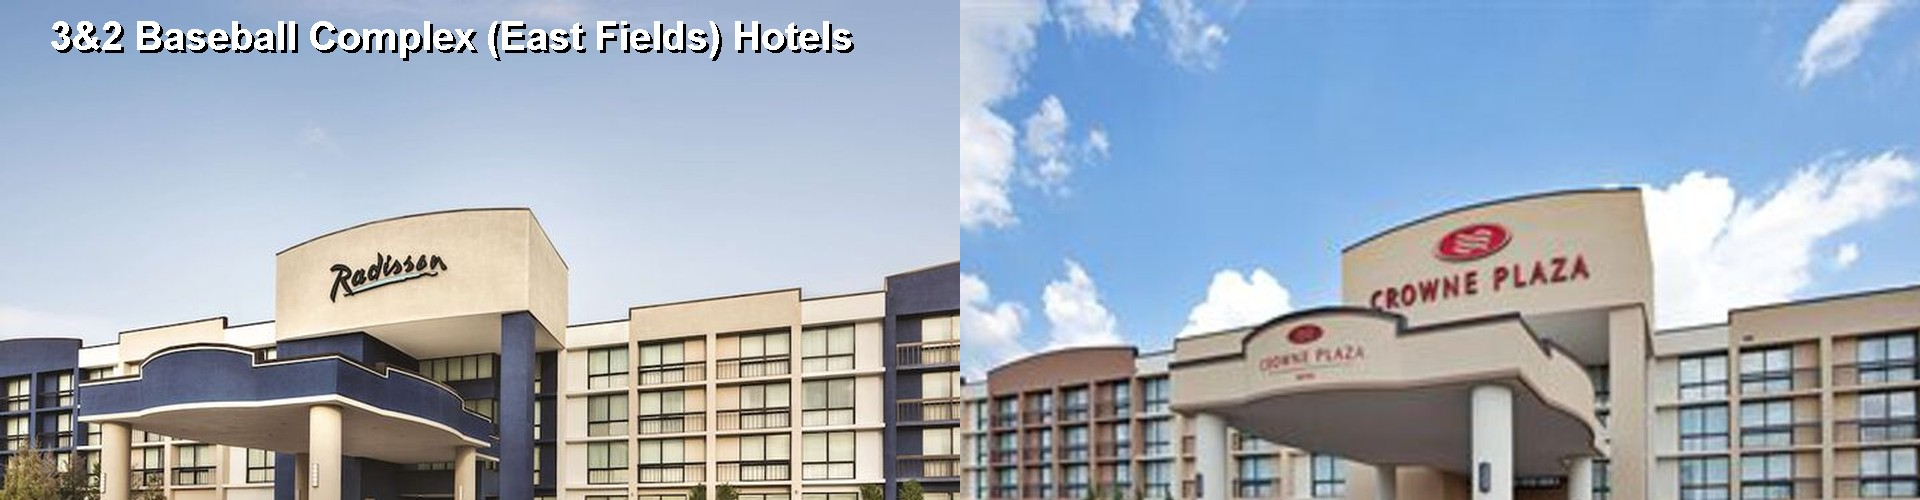 5 Best Hotels Near 3 2 Baseball Complex East Fields